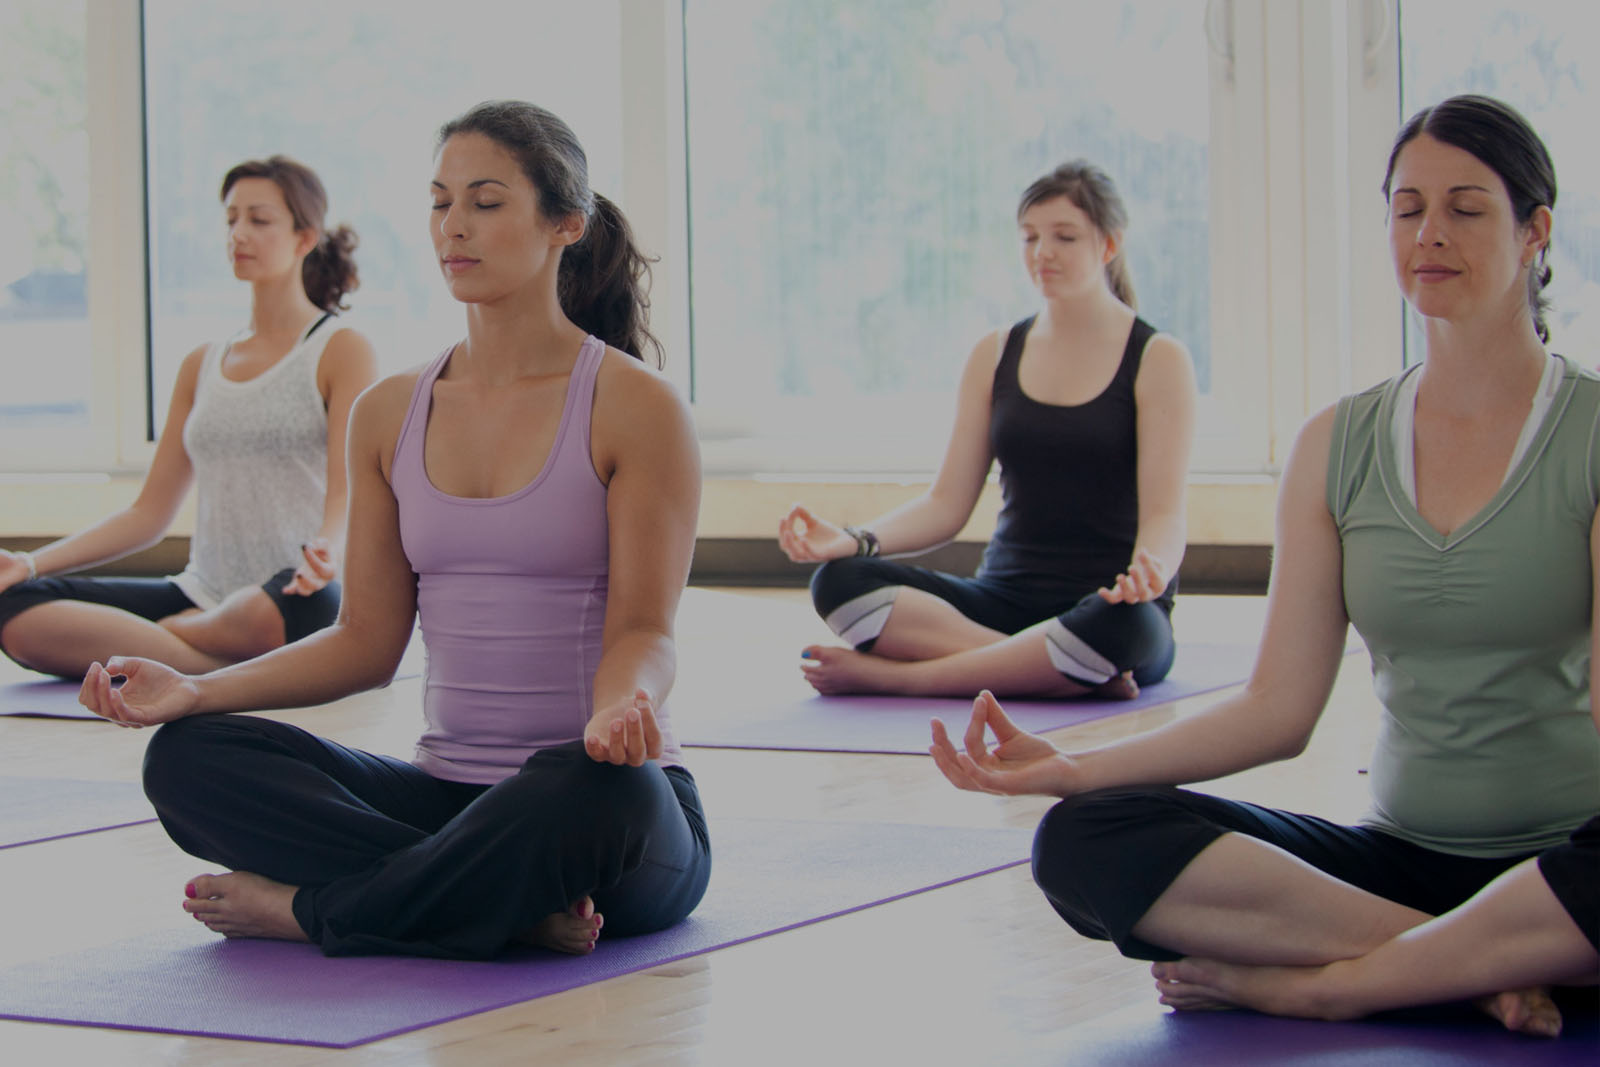 Ontdek de wereld van Yoga, de manier van leven en inspiratie